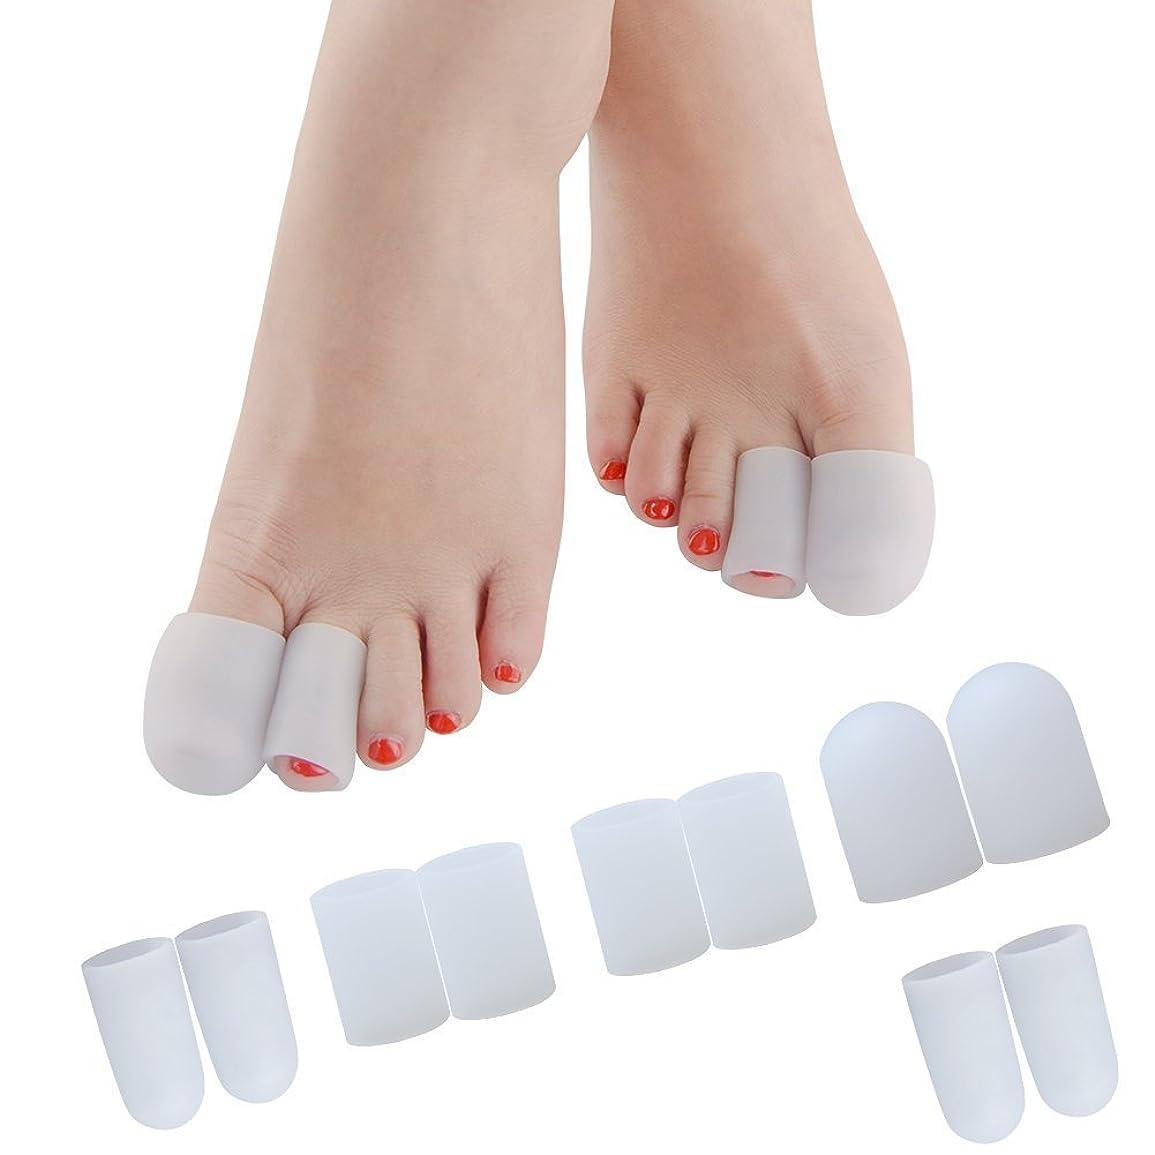 内向き住むお手伝いさんPovihome 足指 足爪 保護キャップ 親指, 足先のつめ保護キャップ, つま先キャップ 白い 5ペア,足指保護キャップ